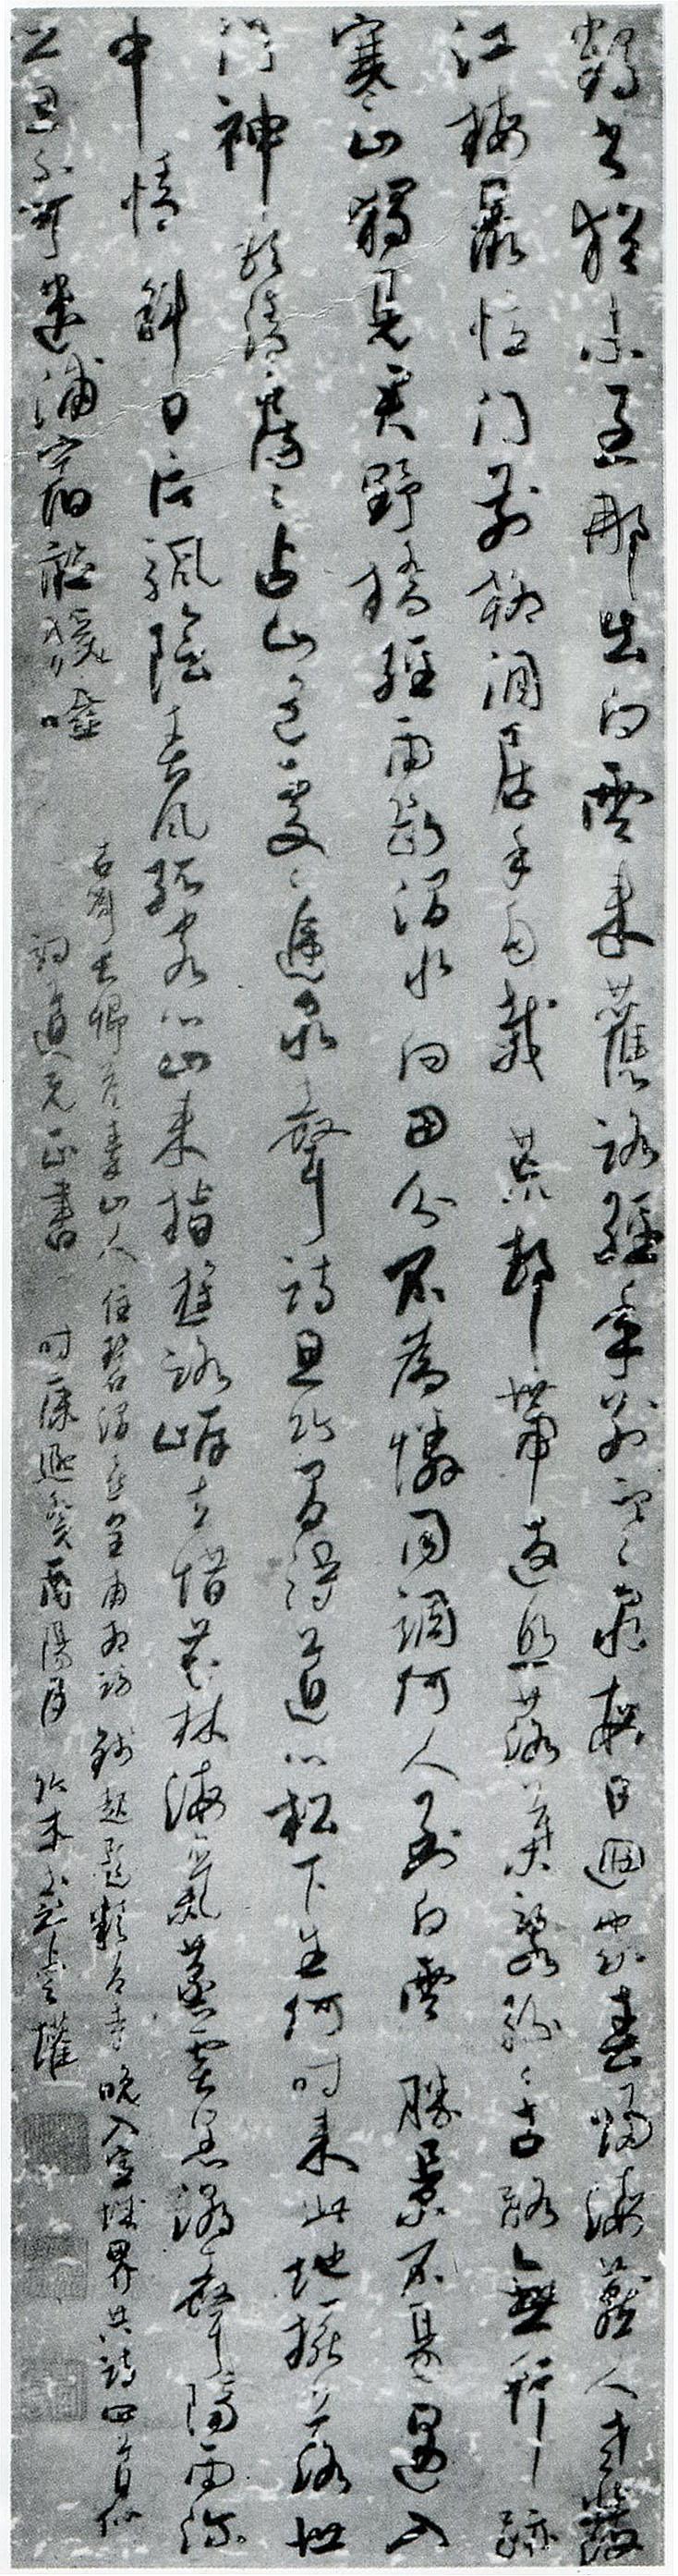 彭睿壦《刘长卿诗轴》纸本行草书 广东省博物馆藏